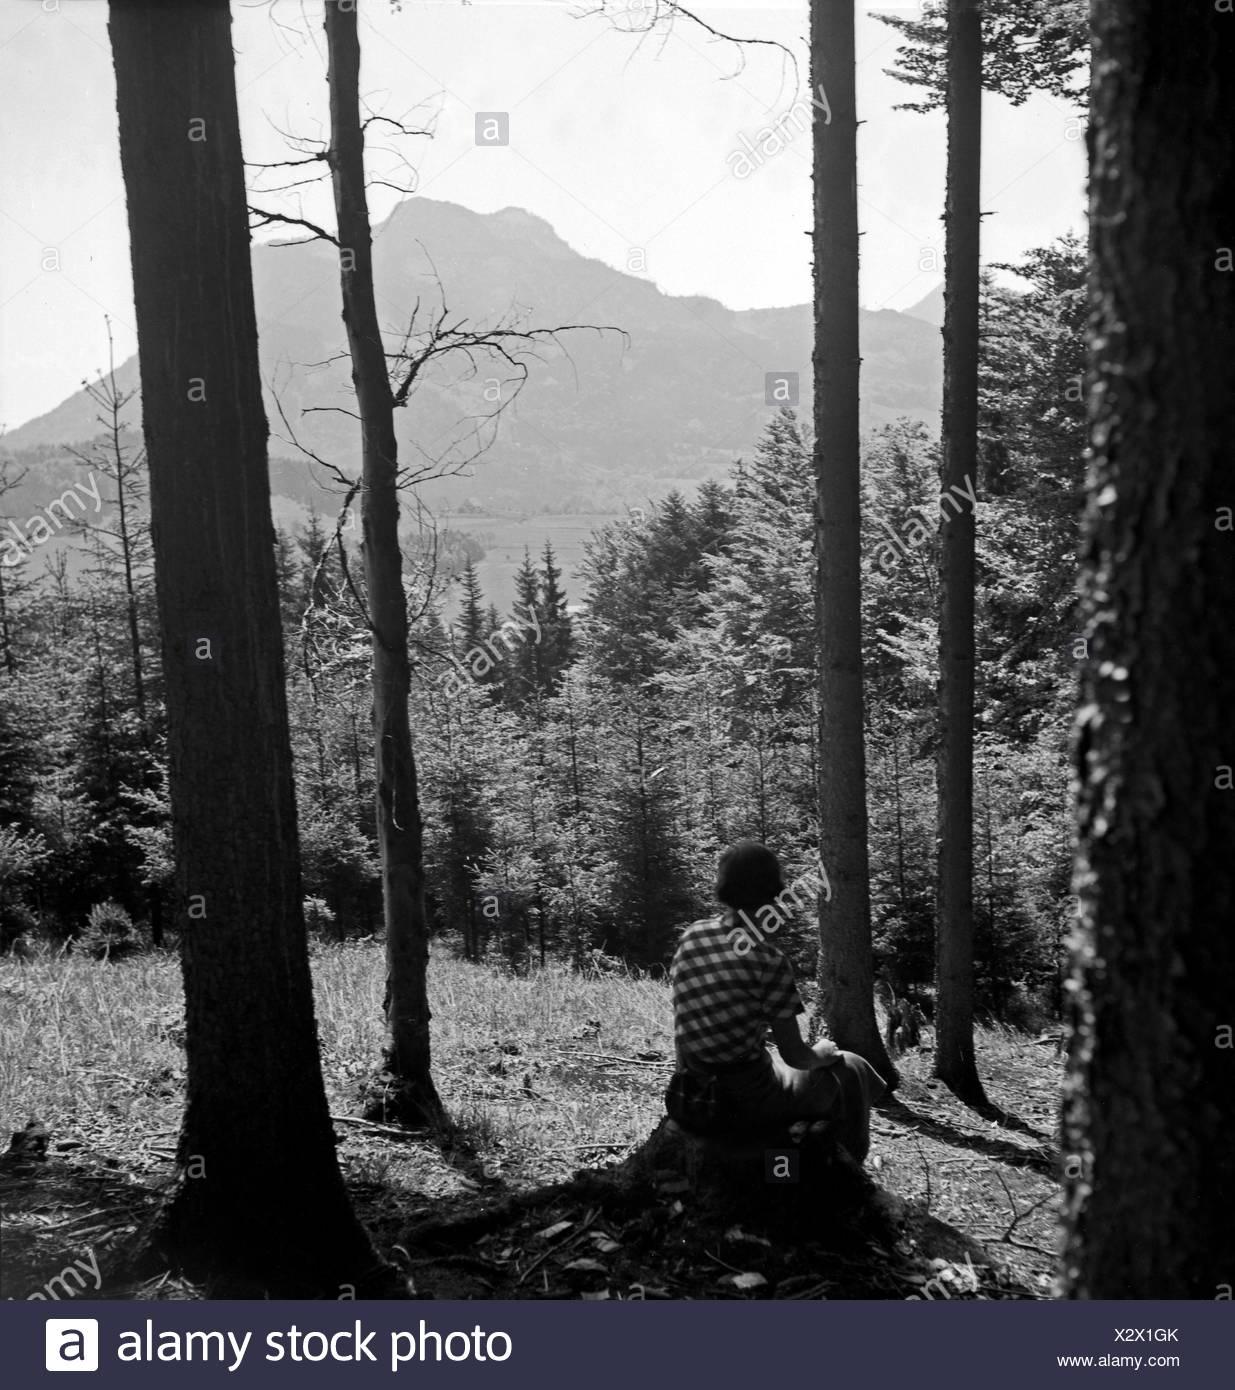 Eine Frau sitzt alleine im Wald, Deutschland 1930er Jahre. A woman sitting alone at a forest, Germany, 1930s. - Stock Image